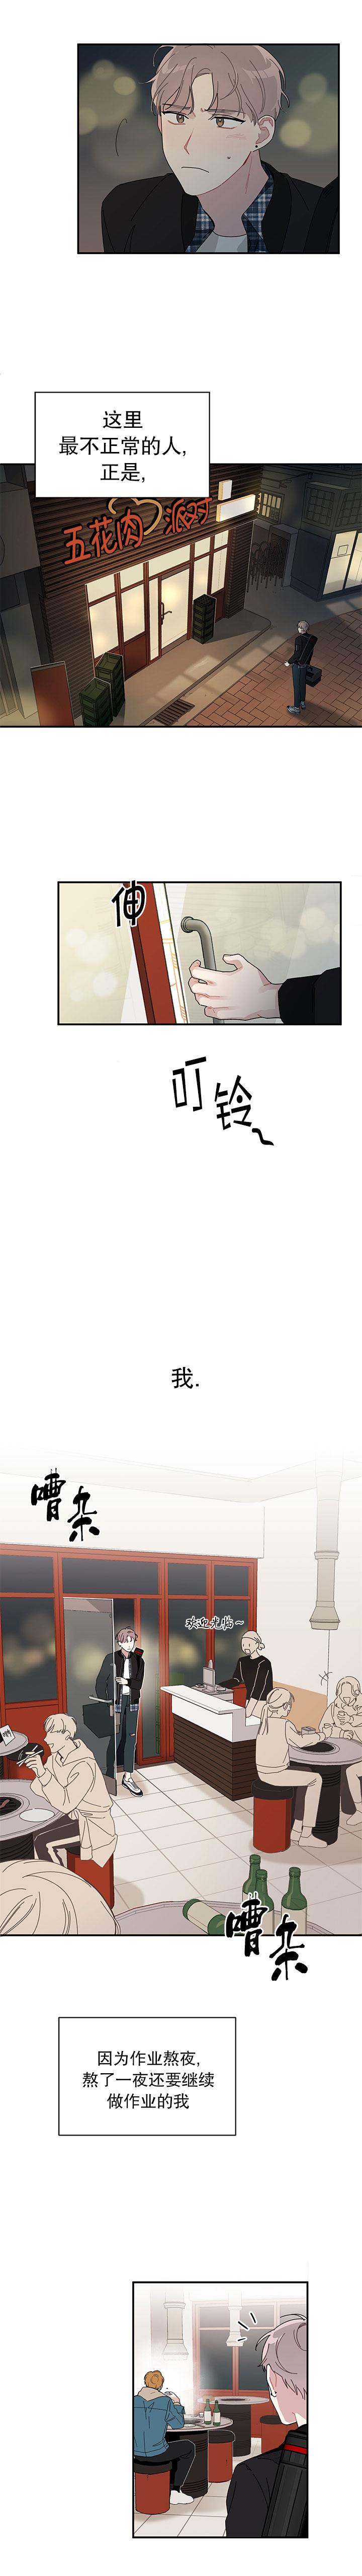 喜欢白月光不如喜欢我-漫画下拉式免费阅读_完整版汉化资源-啵乐漫画